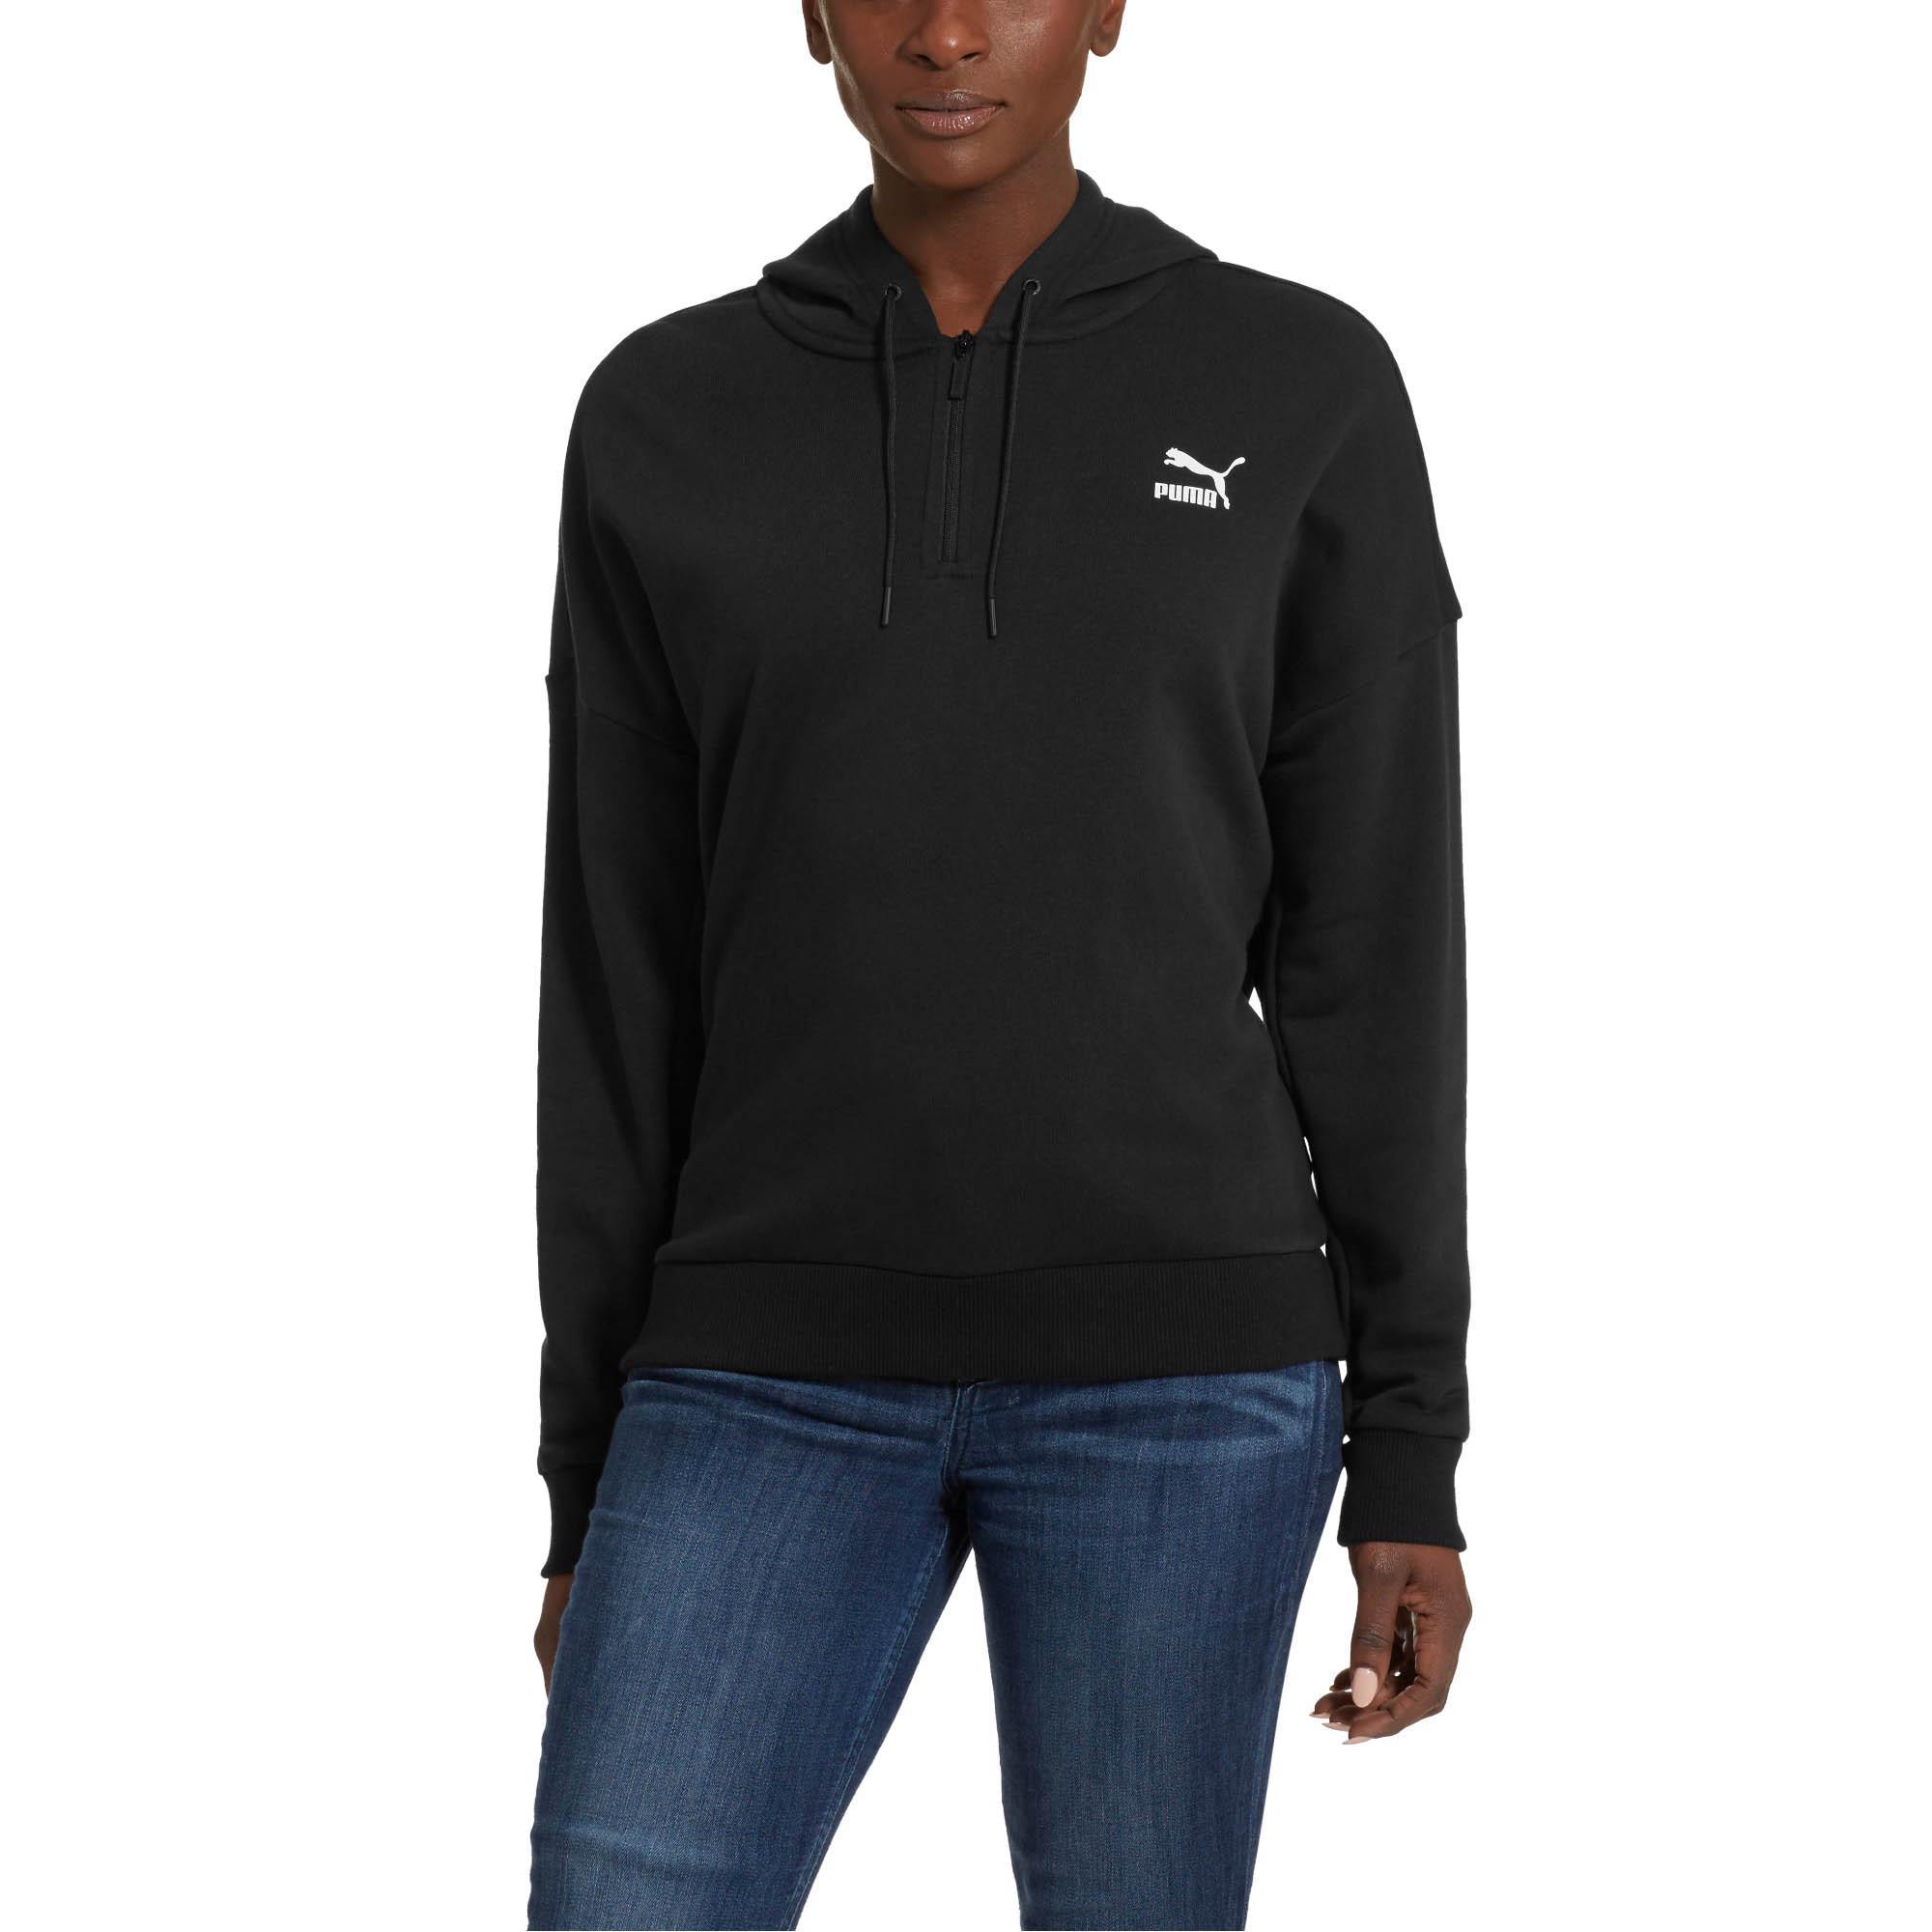 72a736210 Lyst - PUMA Xtg Women's Half Zip Hoodie in Black for Men